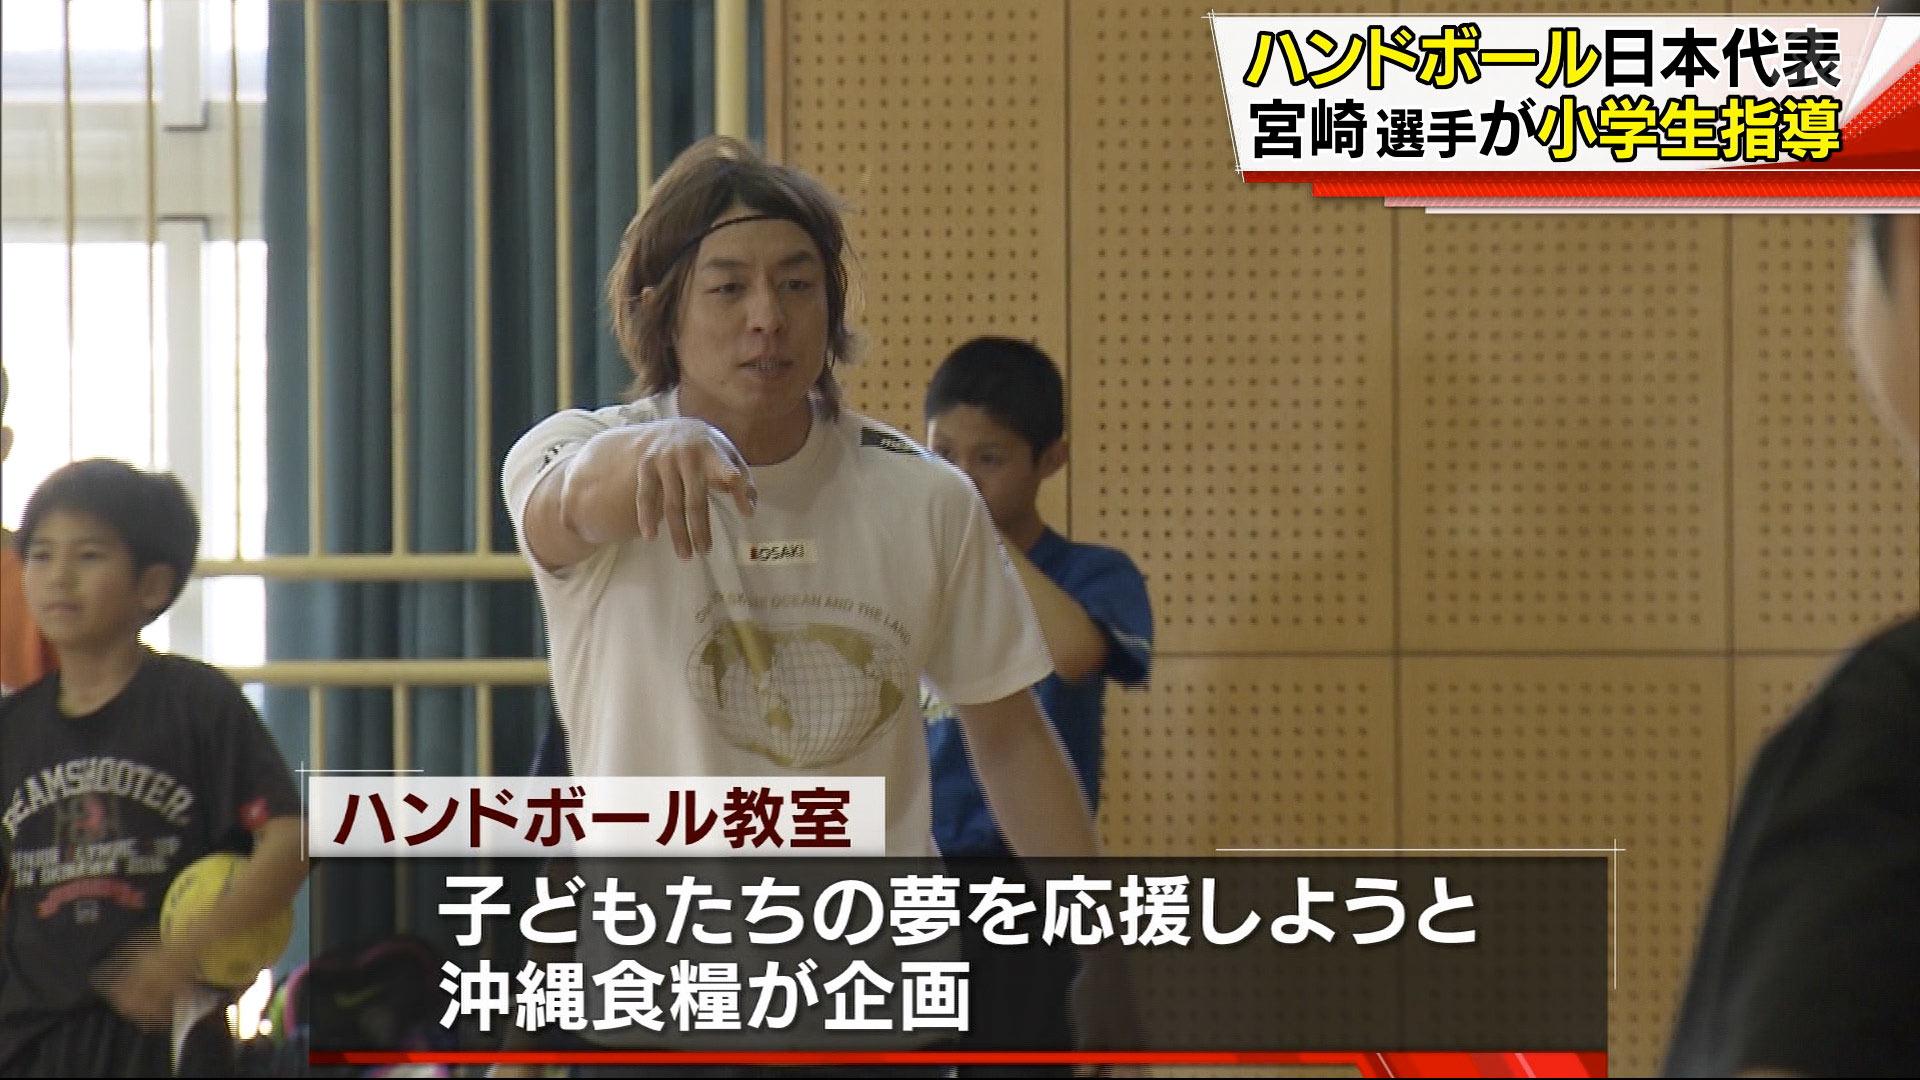 宮崎大輔選手のハンドボール教室